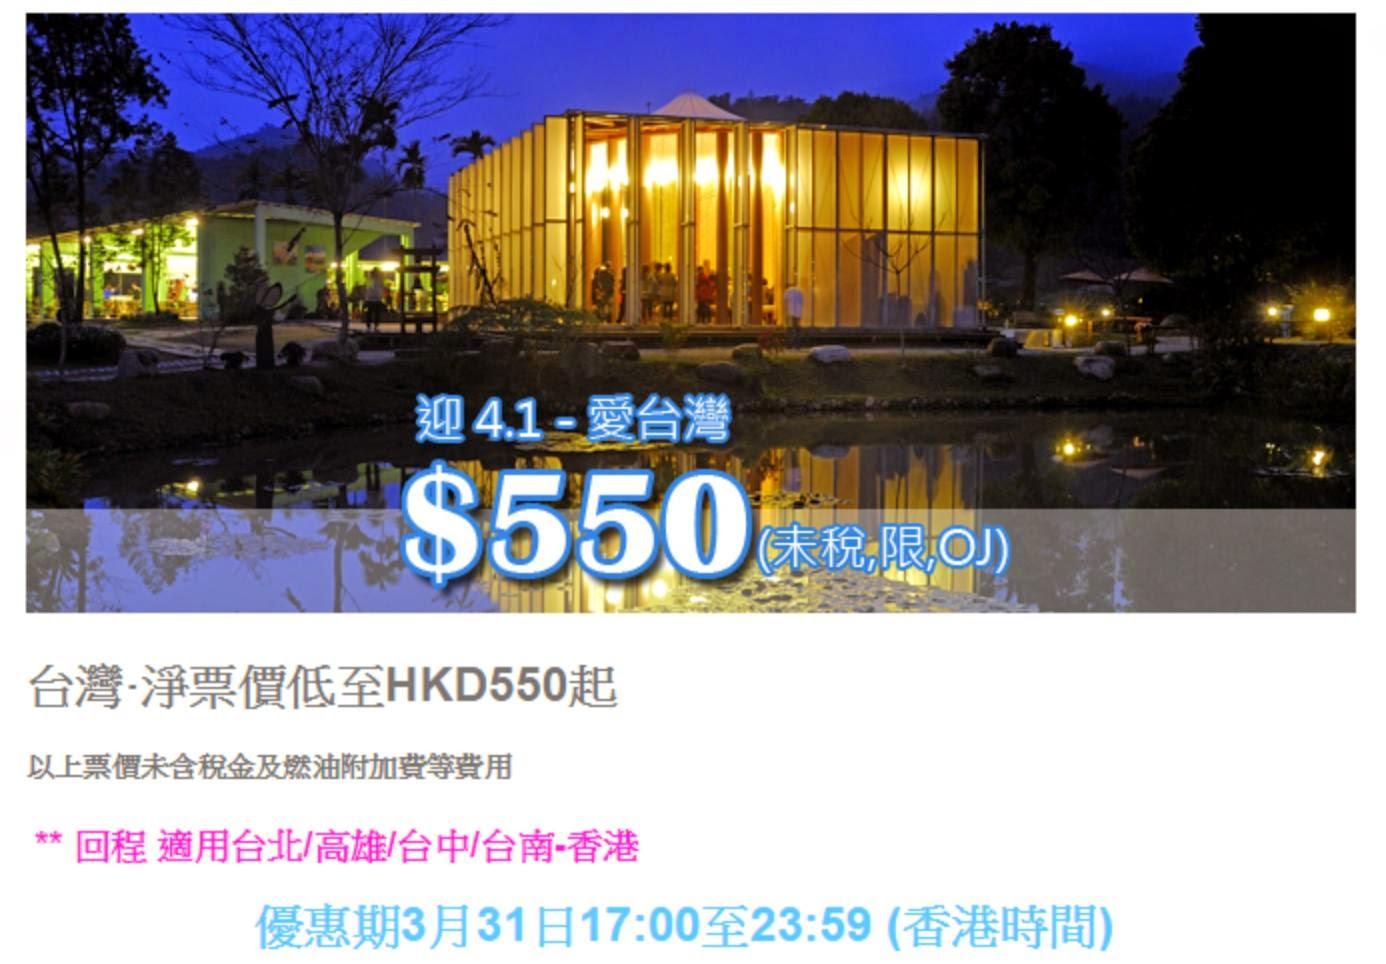 【最後衝線】加燃油費前優惠,香港往返台北/台中/高雄/台南$550起(連稅$875),只限今晚內。